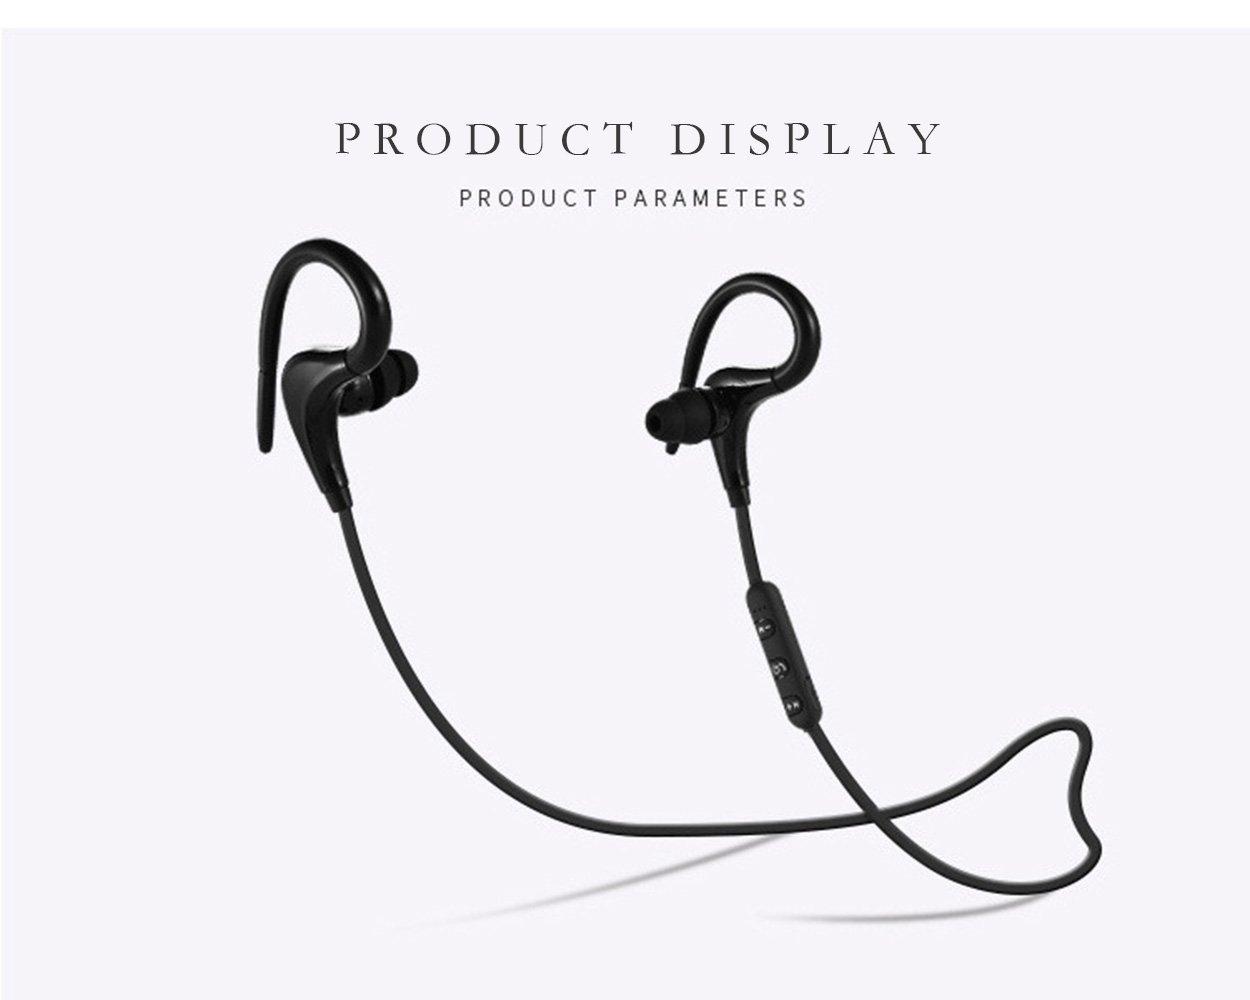 Auriculares Bluetooth, Auriculares deportivos inalámbricos Impermeable 4.1HD Auriculares estéreo a prueba de sudor en la oreja Auriculares con micrófono ...